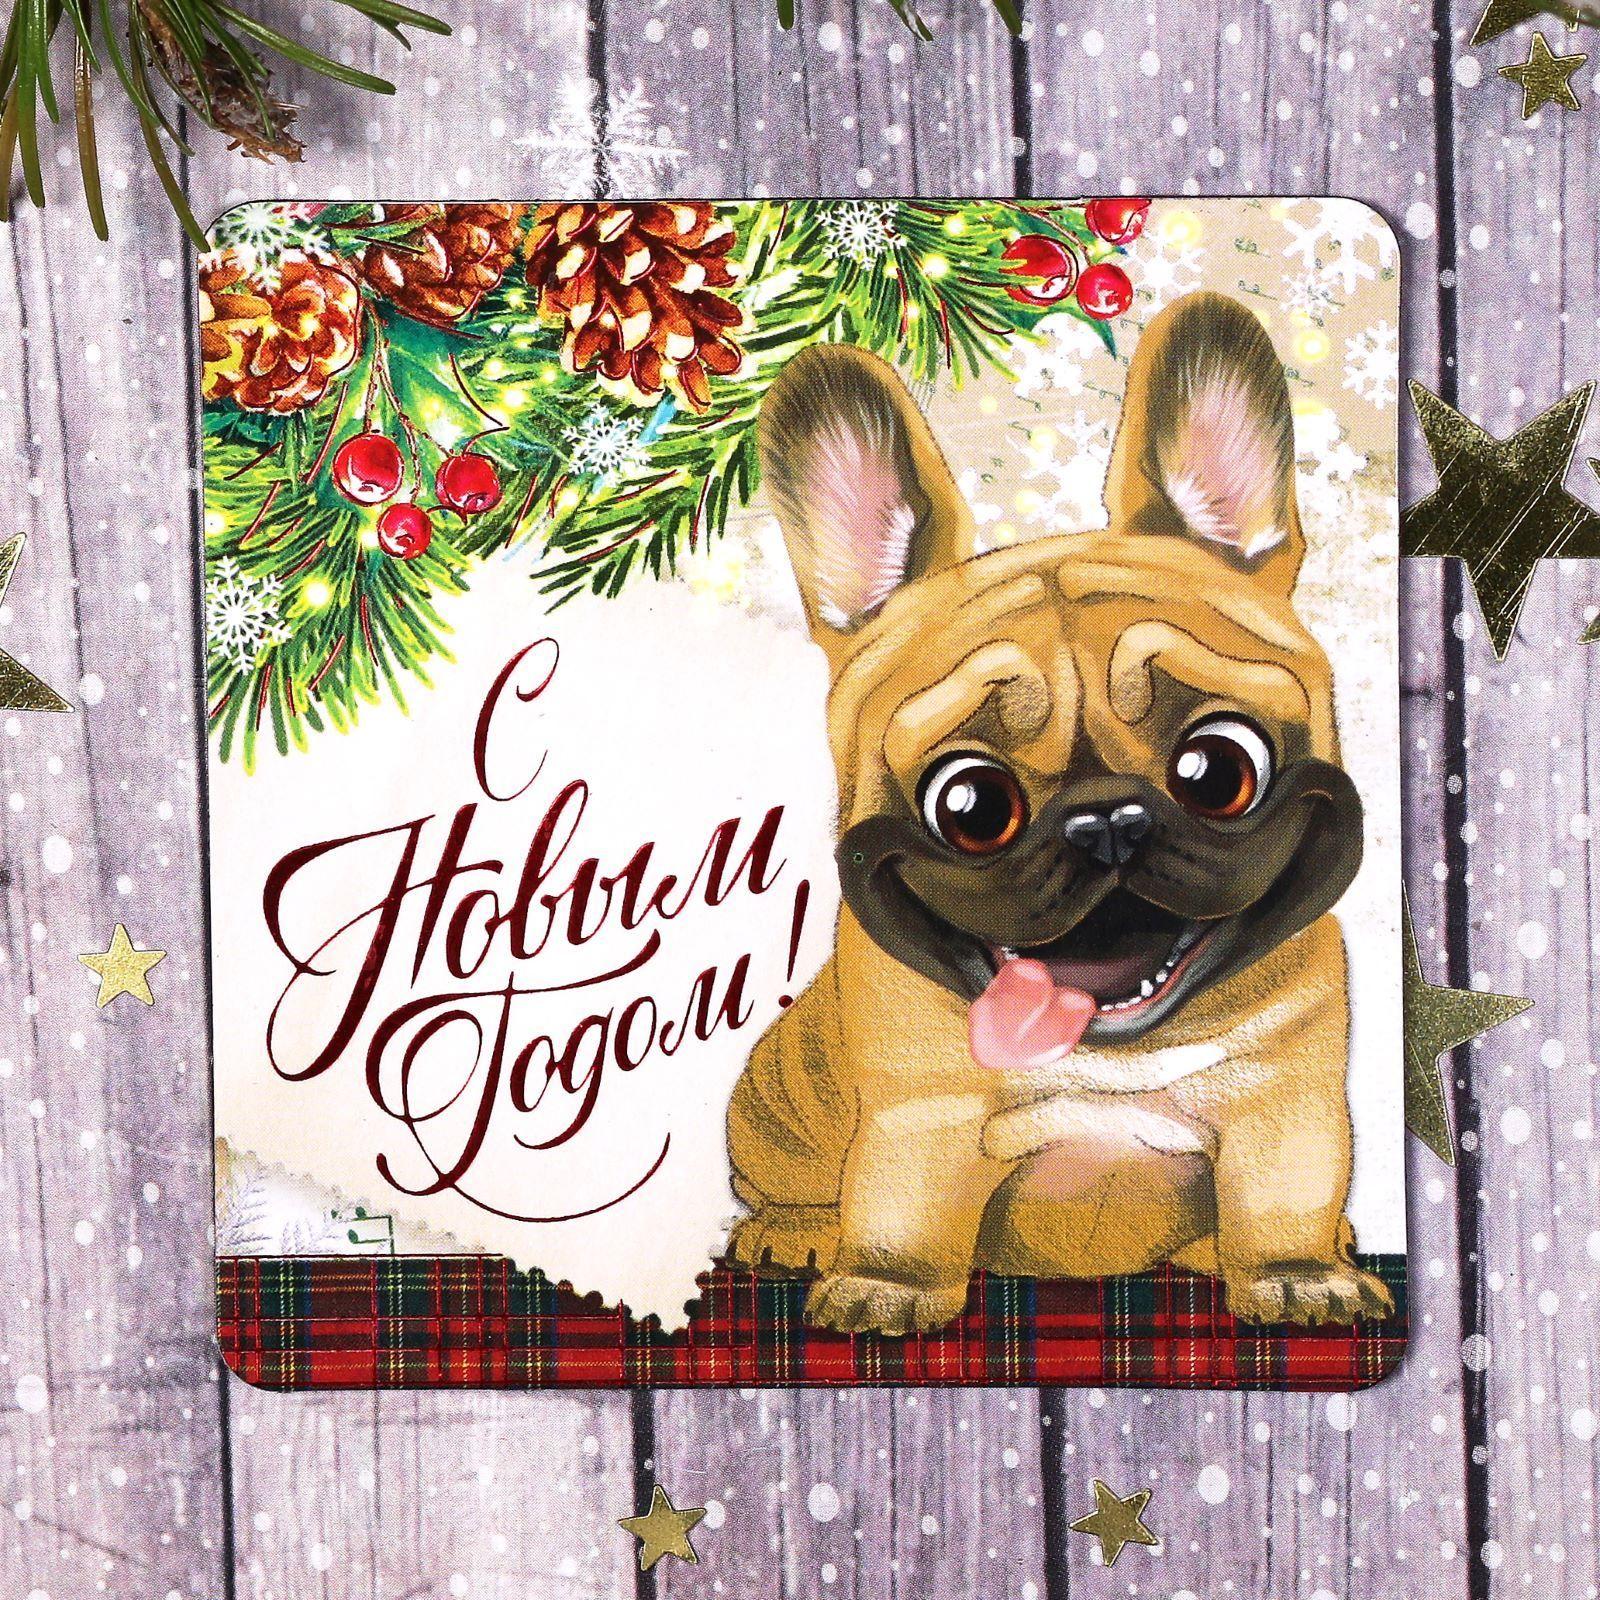 Магнит Sima-land С Новым годом!, 7,7 х 7,7 см1894007Порадуйте родных и близких оригинальным сувениром: преподнесите в подарок магнит. С ним даже самый серьёзный человек почувствует себя ребёнком, ожидающим чудо! Создайте праздничное настроение, и оно останется с вами на весь год.